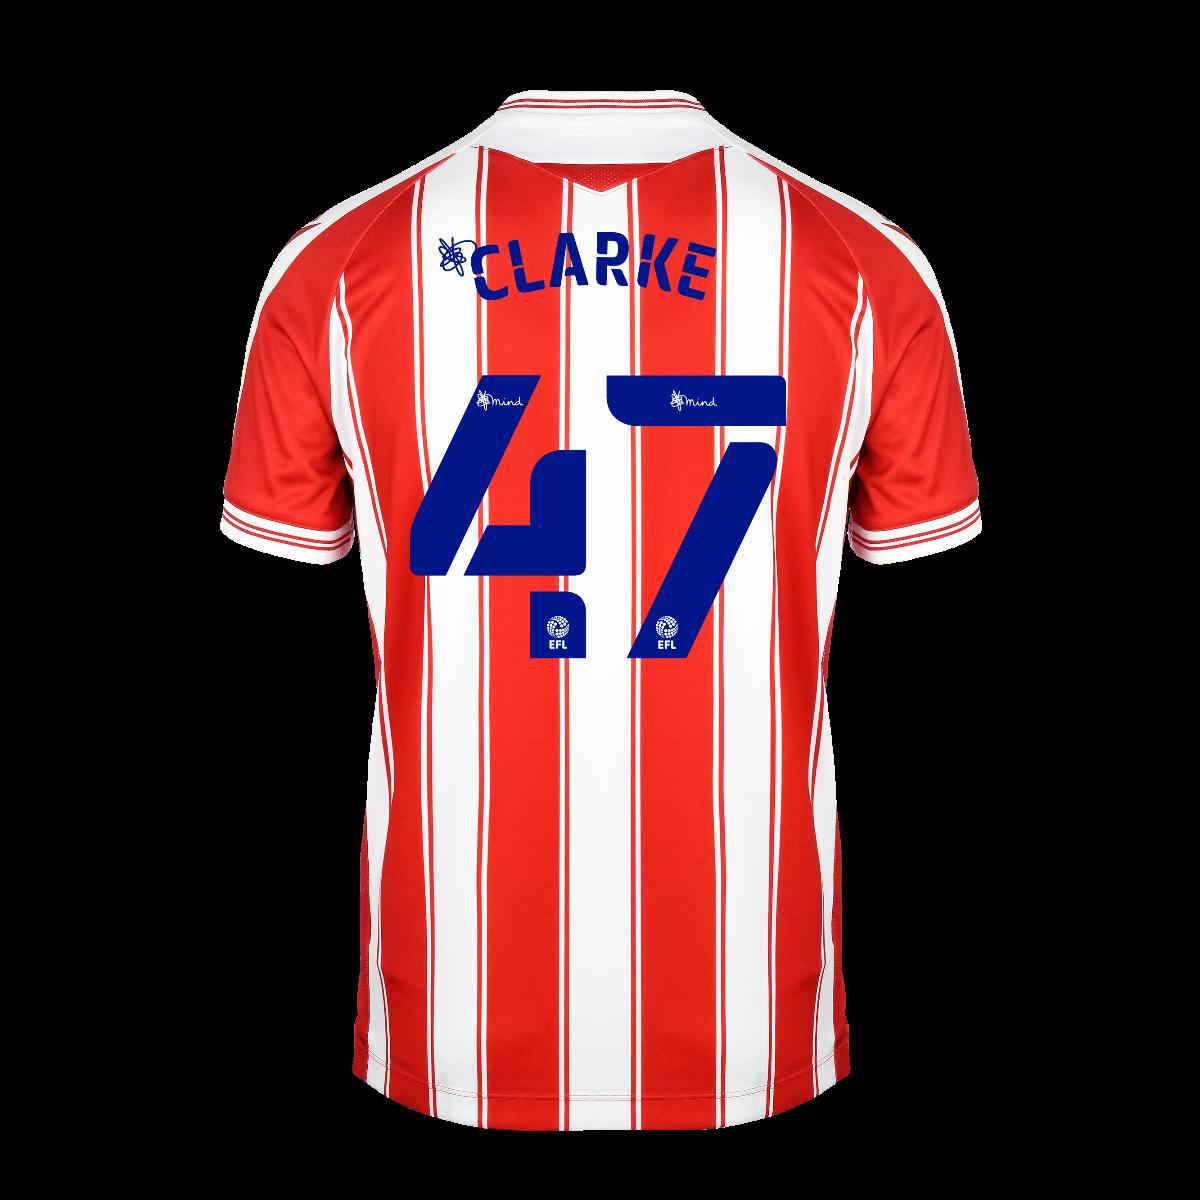 2020/21 Adult Home SS Shirt - Clarke